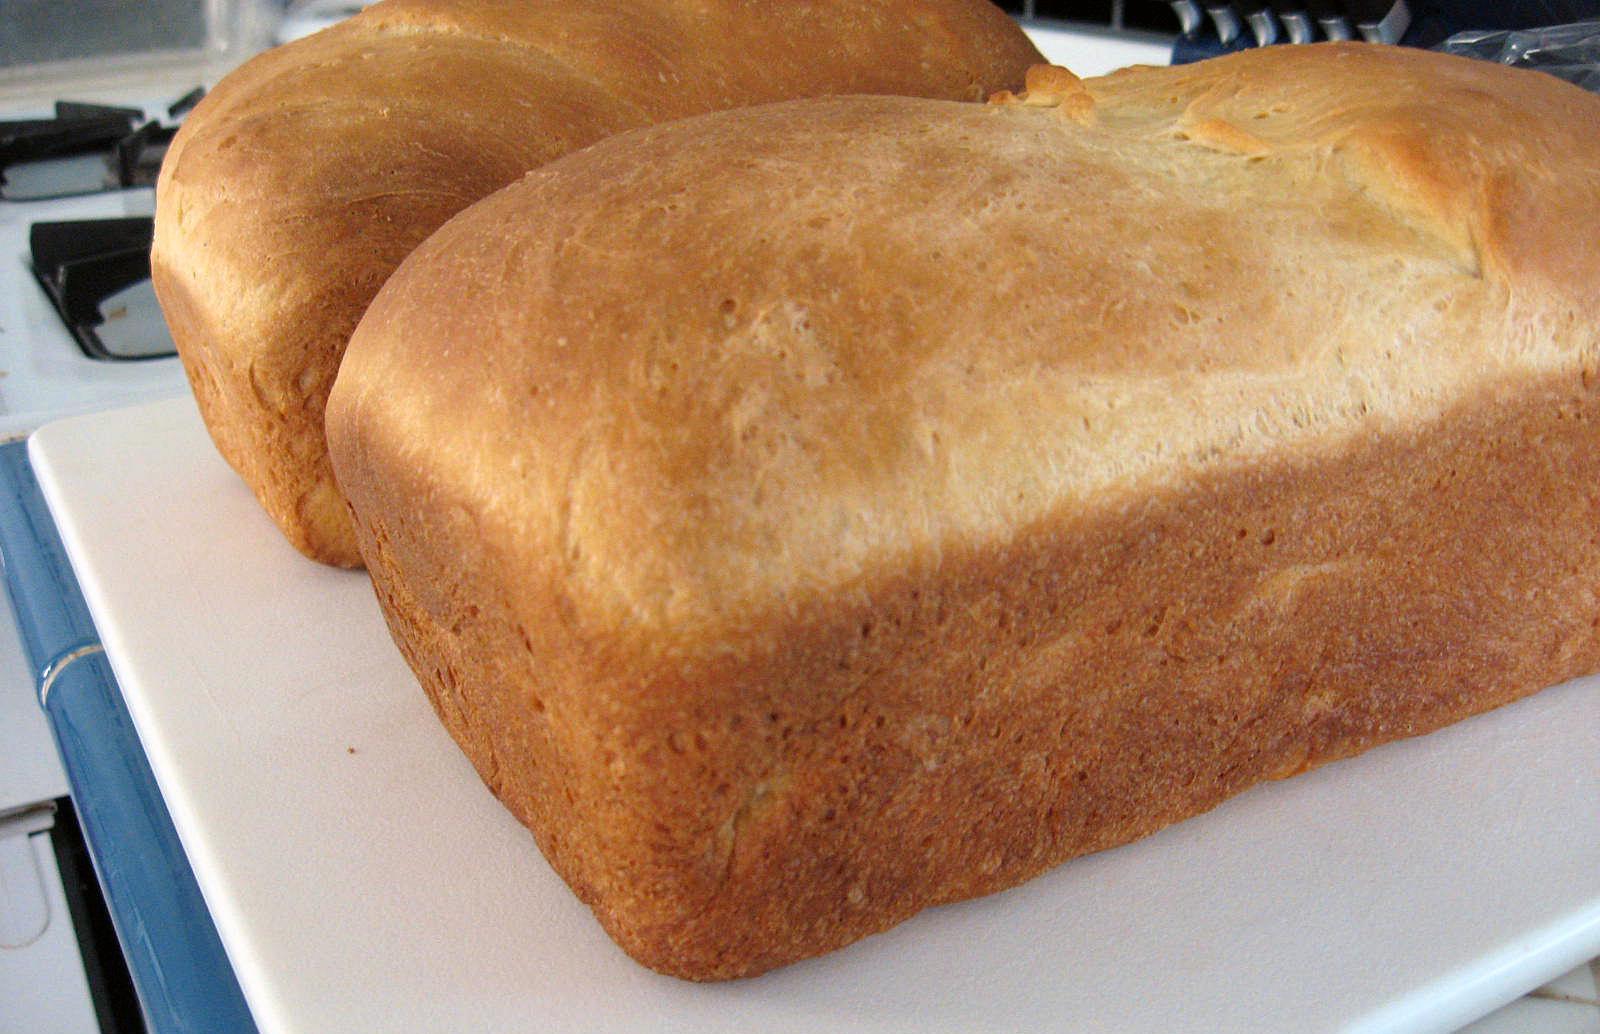 Homemade Egg Bread for Texas Toast by freshfromthe.com